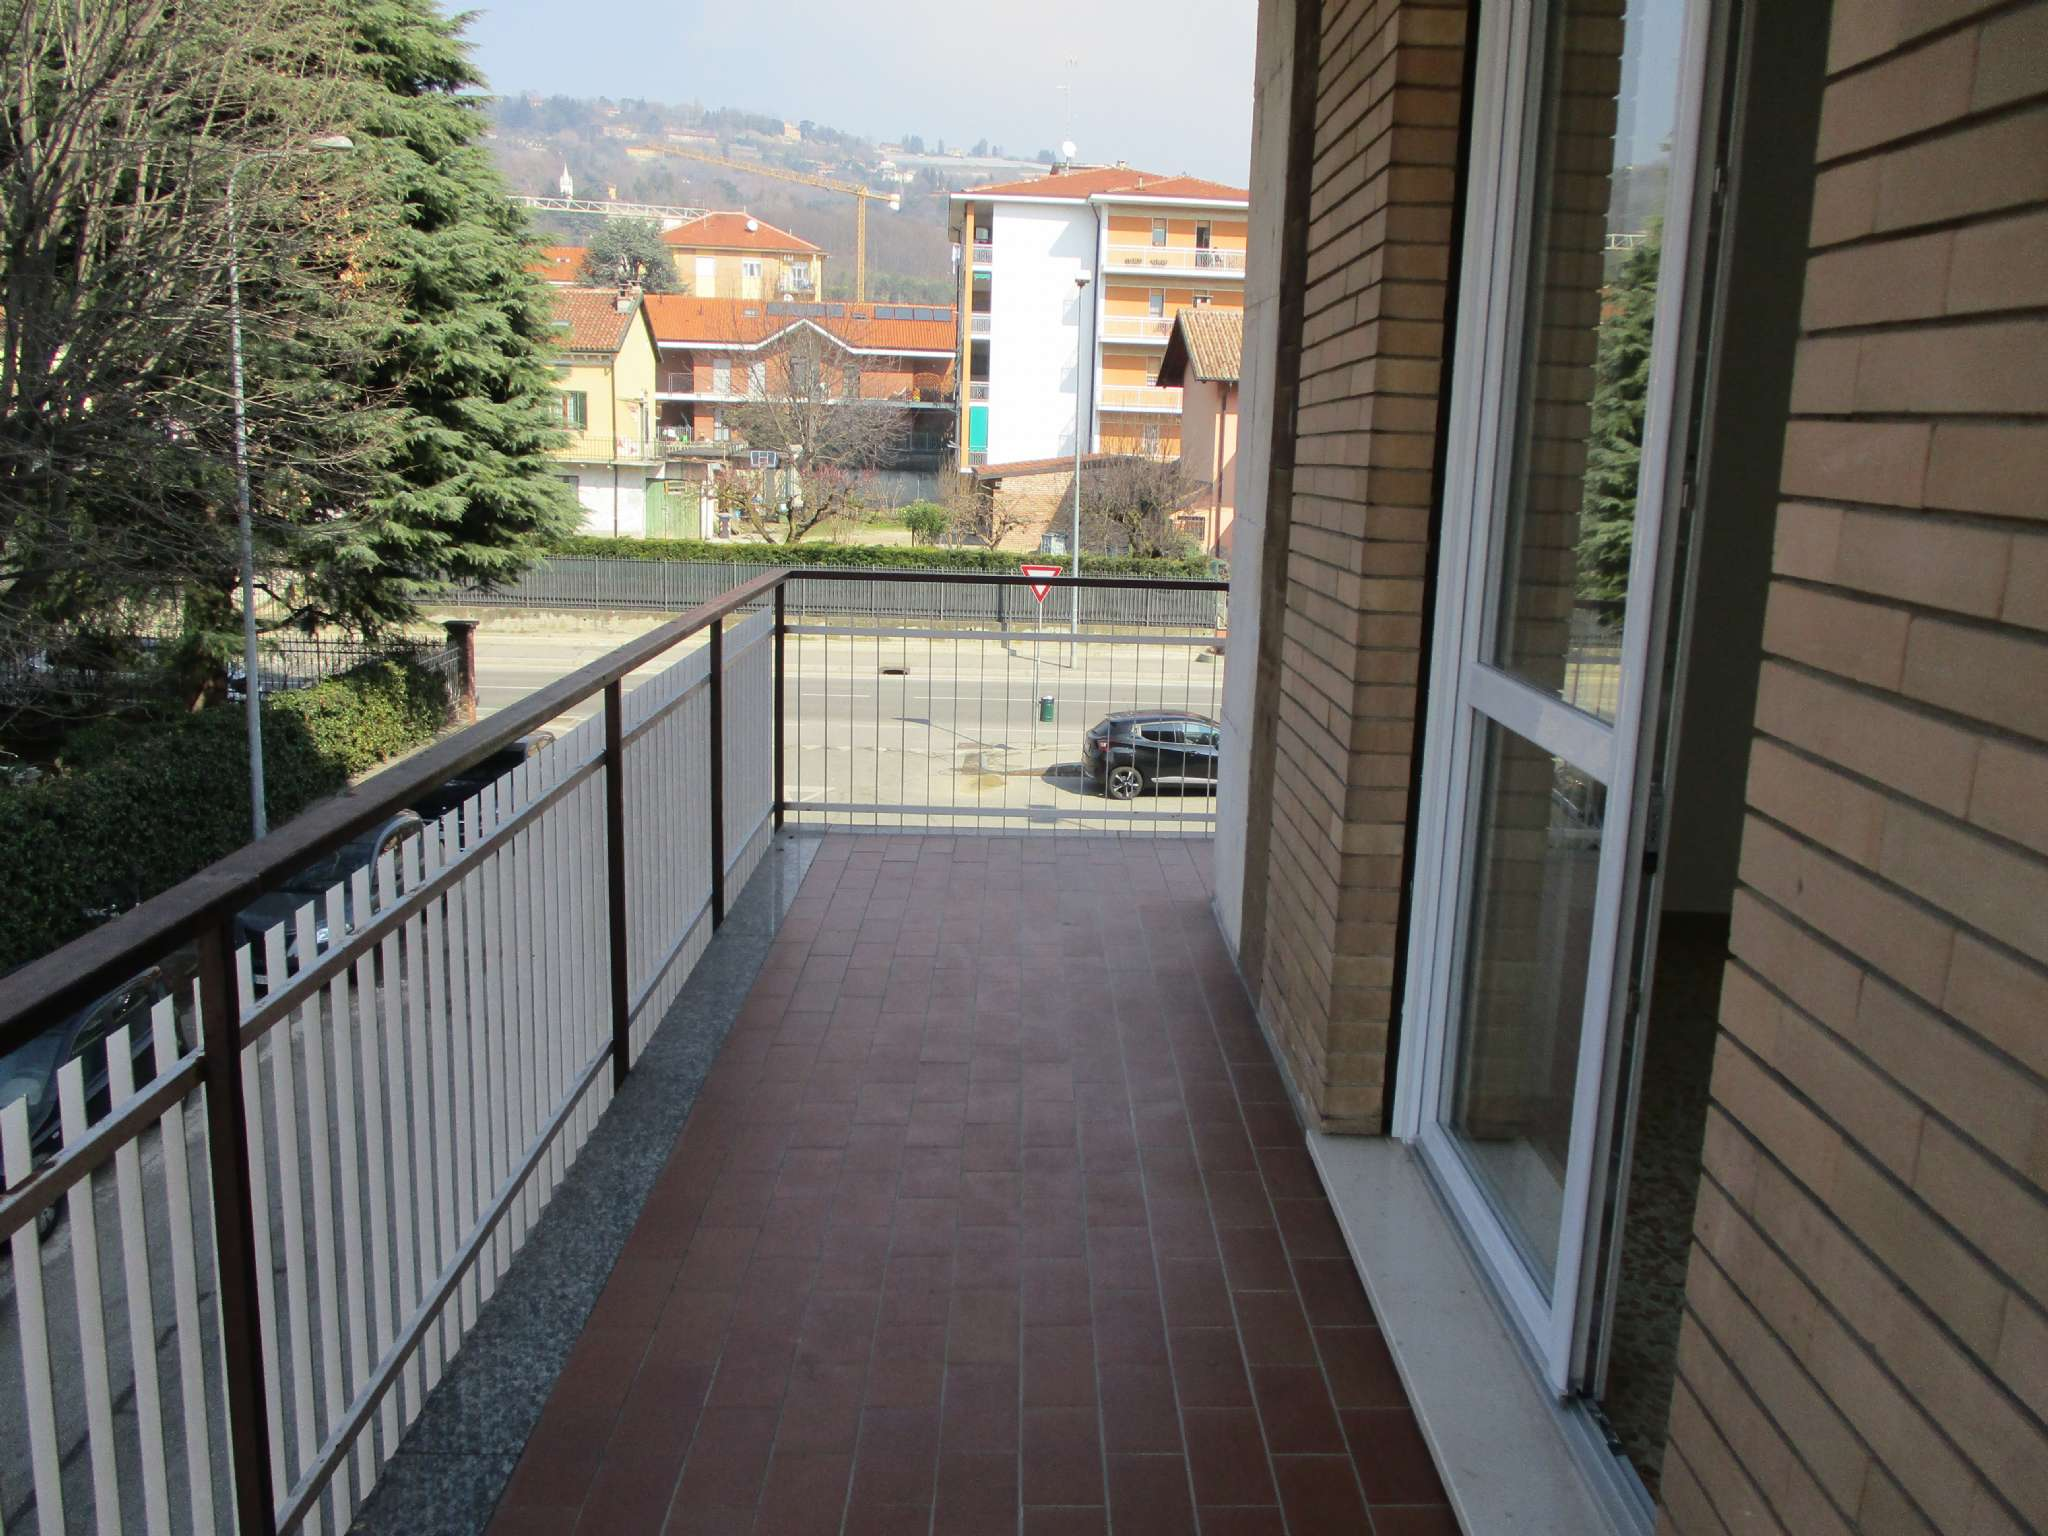 Appartamento in affitto a Moncalieri, 2 locali, prezzo € 400 | PortaleAgenzieImmobiliari.it